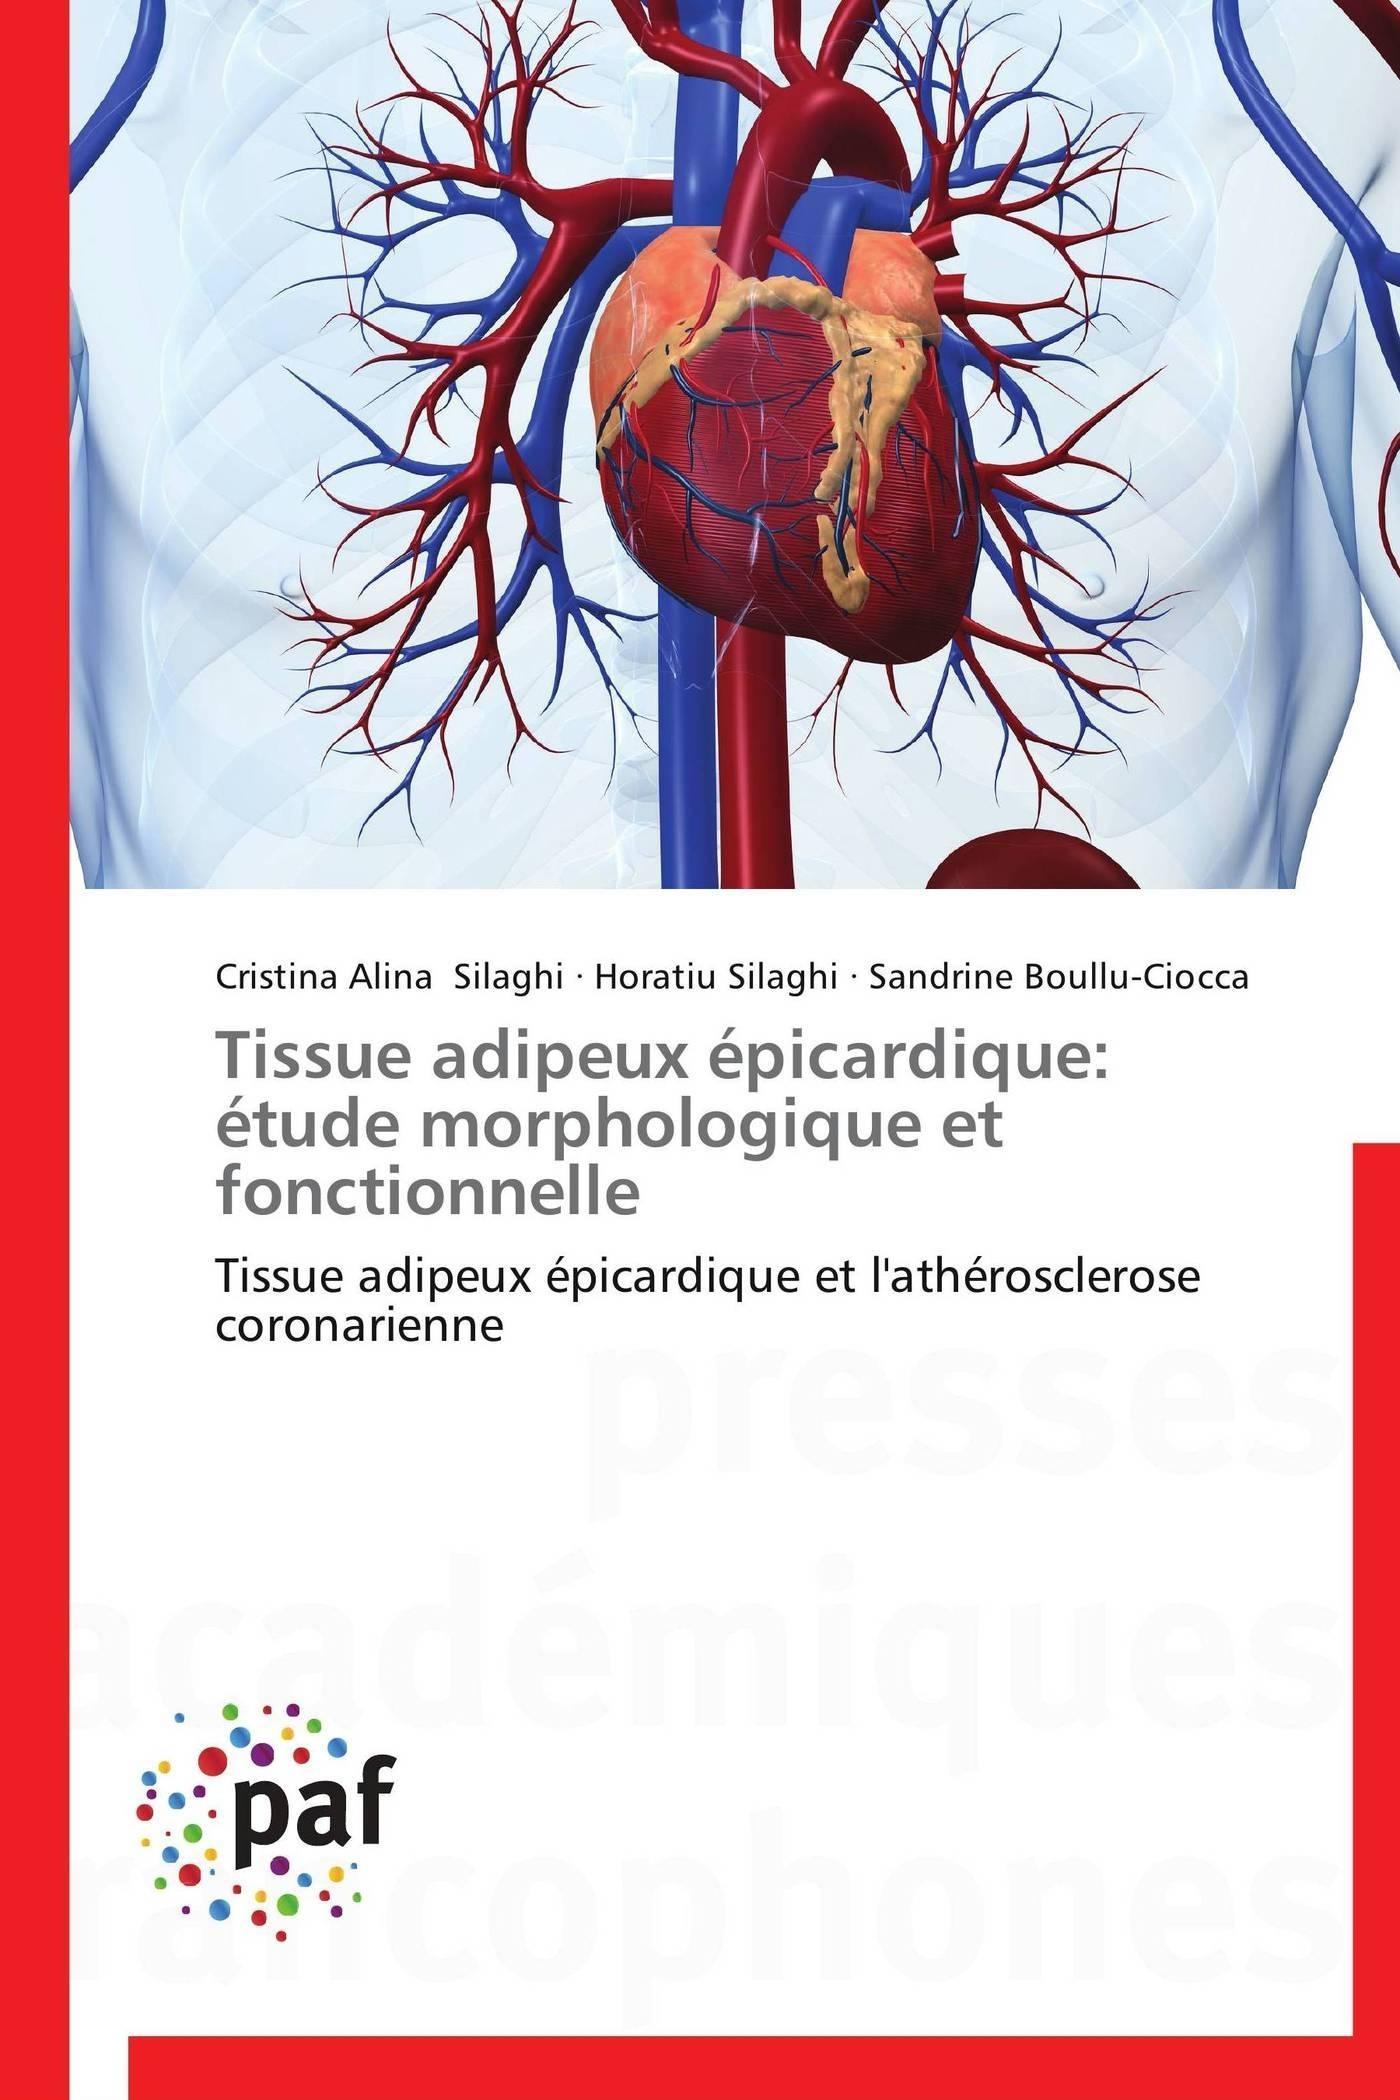 TISSUE ADIPEUX EPICARDIQUE: ETUDE MORPHOLOGIQUE ET FONCTIONNELLE